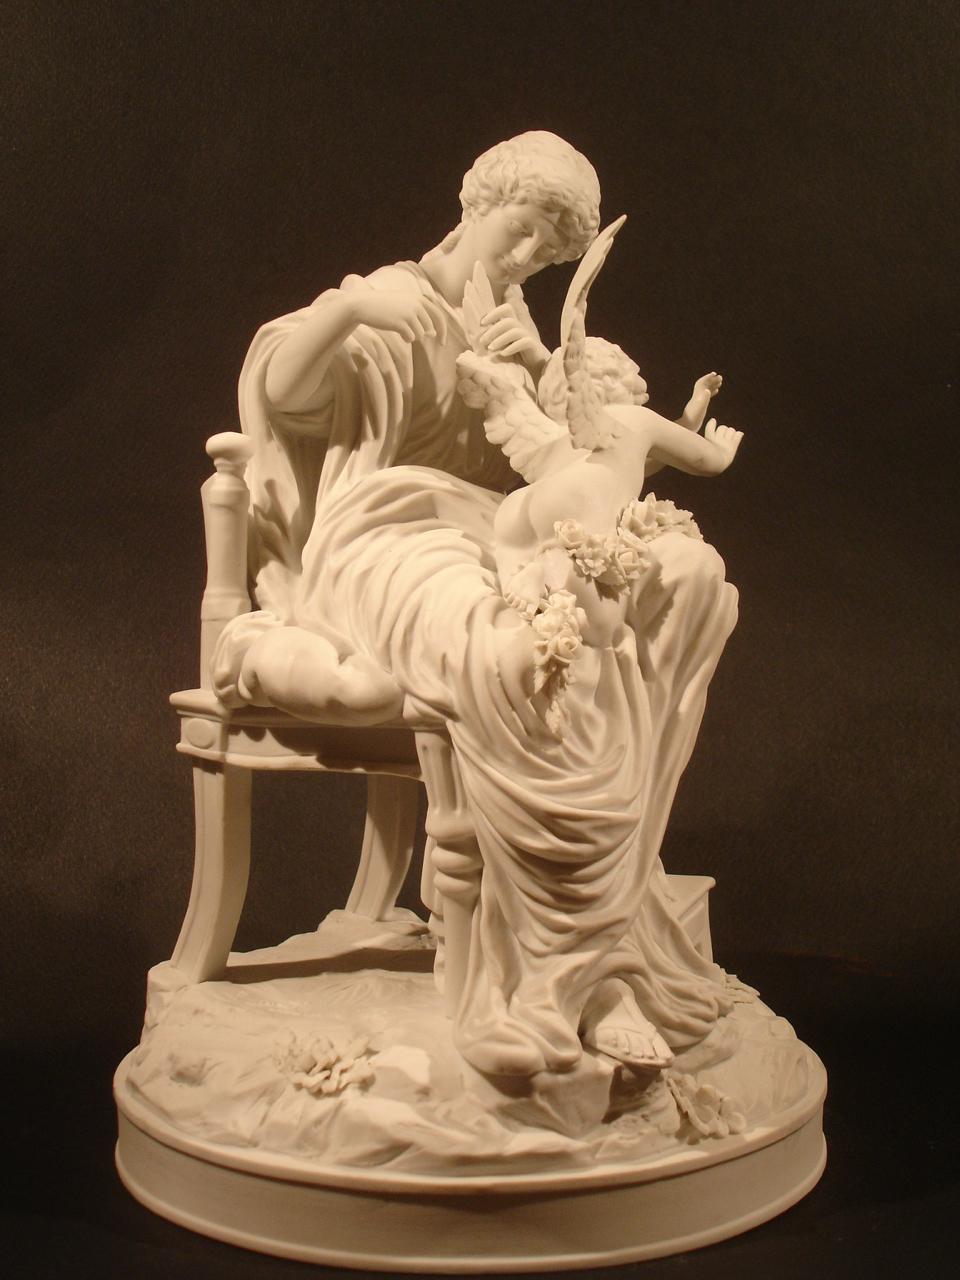 """""""L'amour retenu prisonnier."""" Dimension : H 26 cm. Date : XIXe siècle. Catalogue d'antiquités Olivier Berni Intérieurs"""